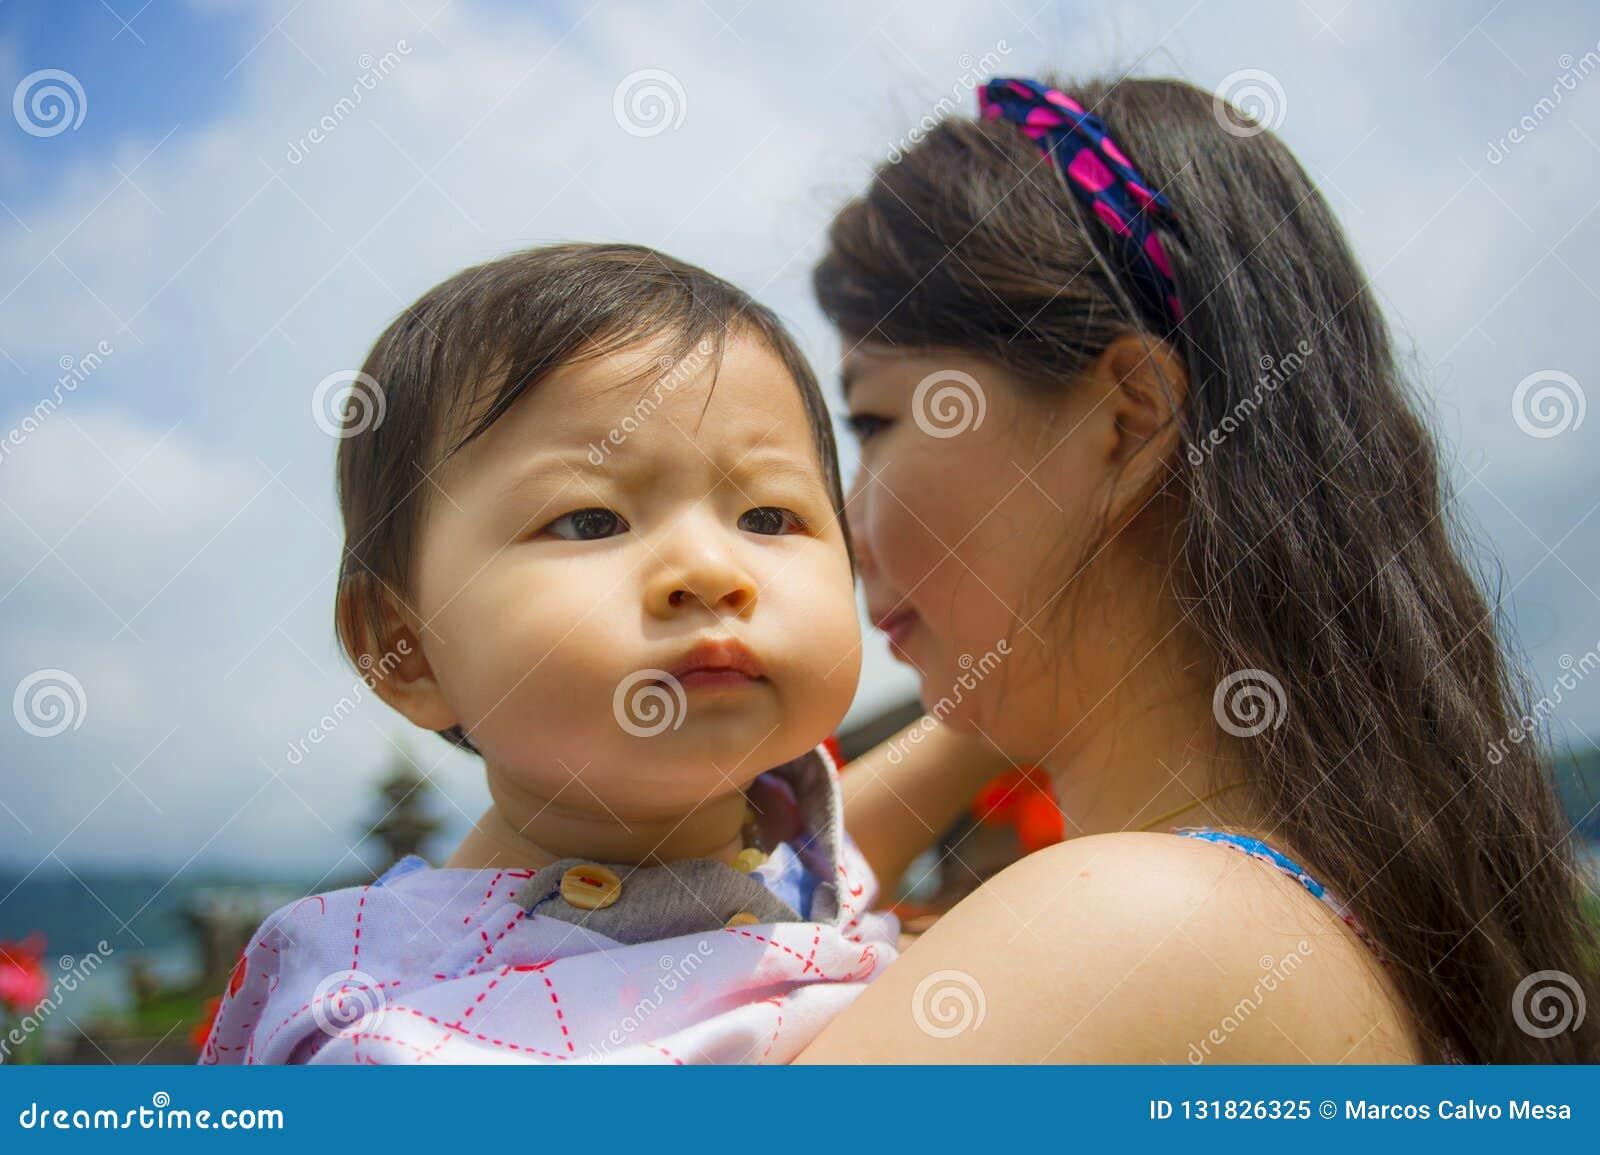 fille asiatique datant américain Guy Huffington Post signes que vous sortez avec un sociopathe